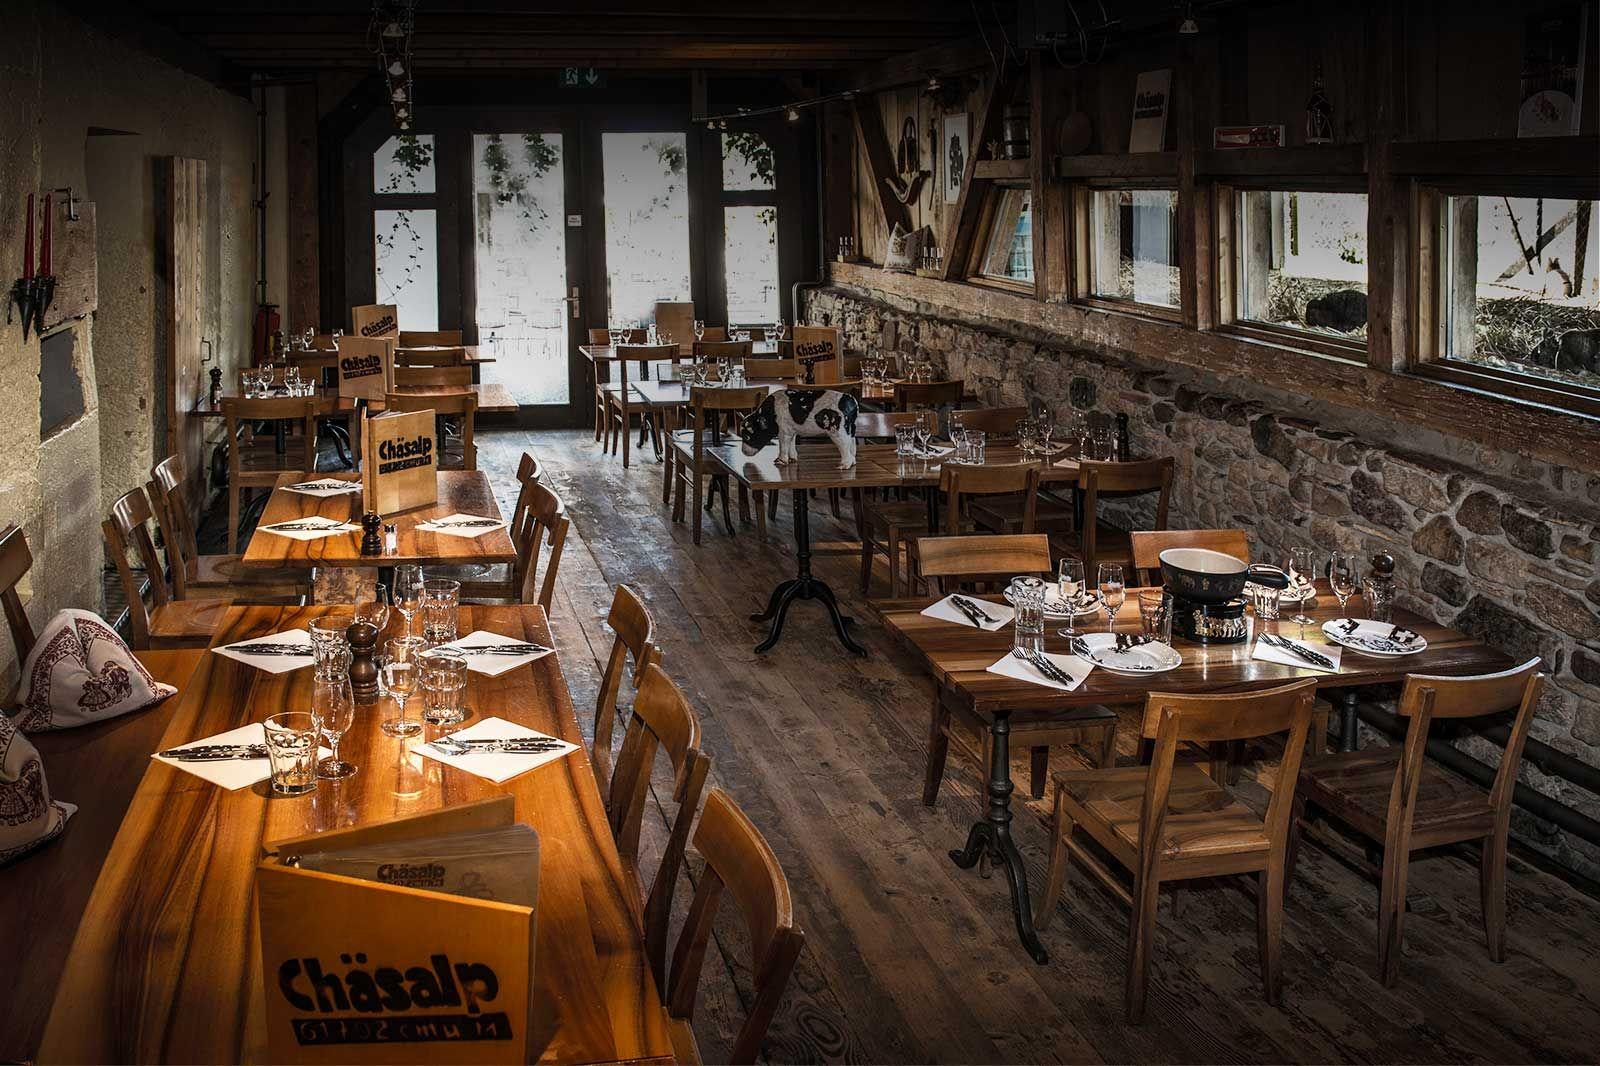 Chasalp Need To Go For Fondue In Zurich Fondue Restaurant Bauernhaus Restaurant Restaurant